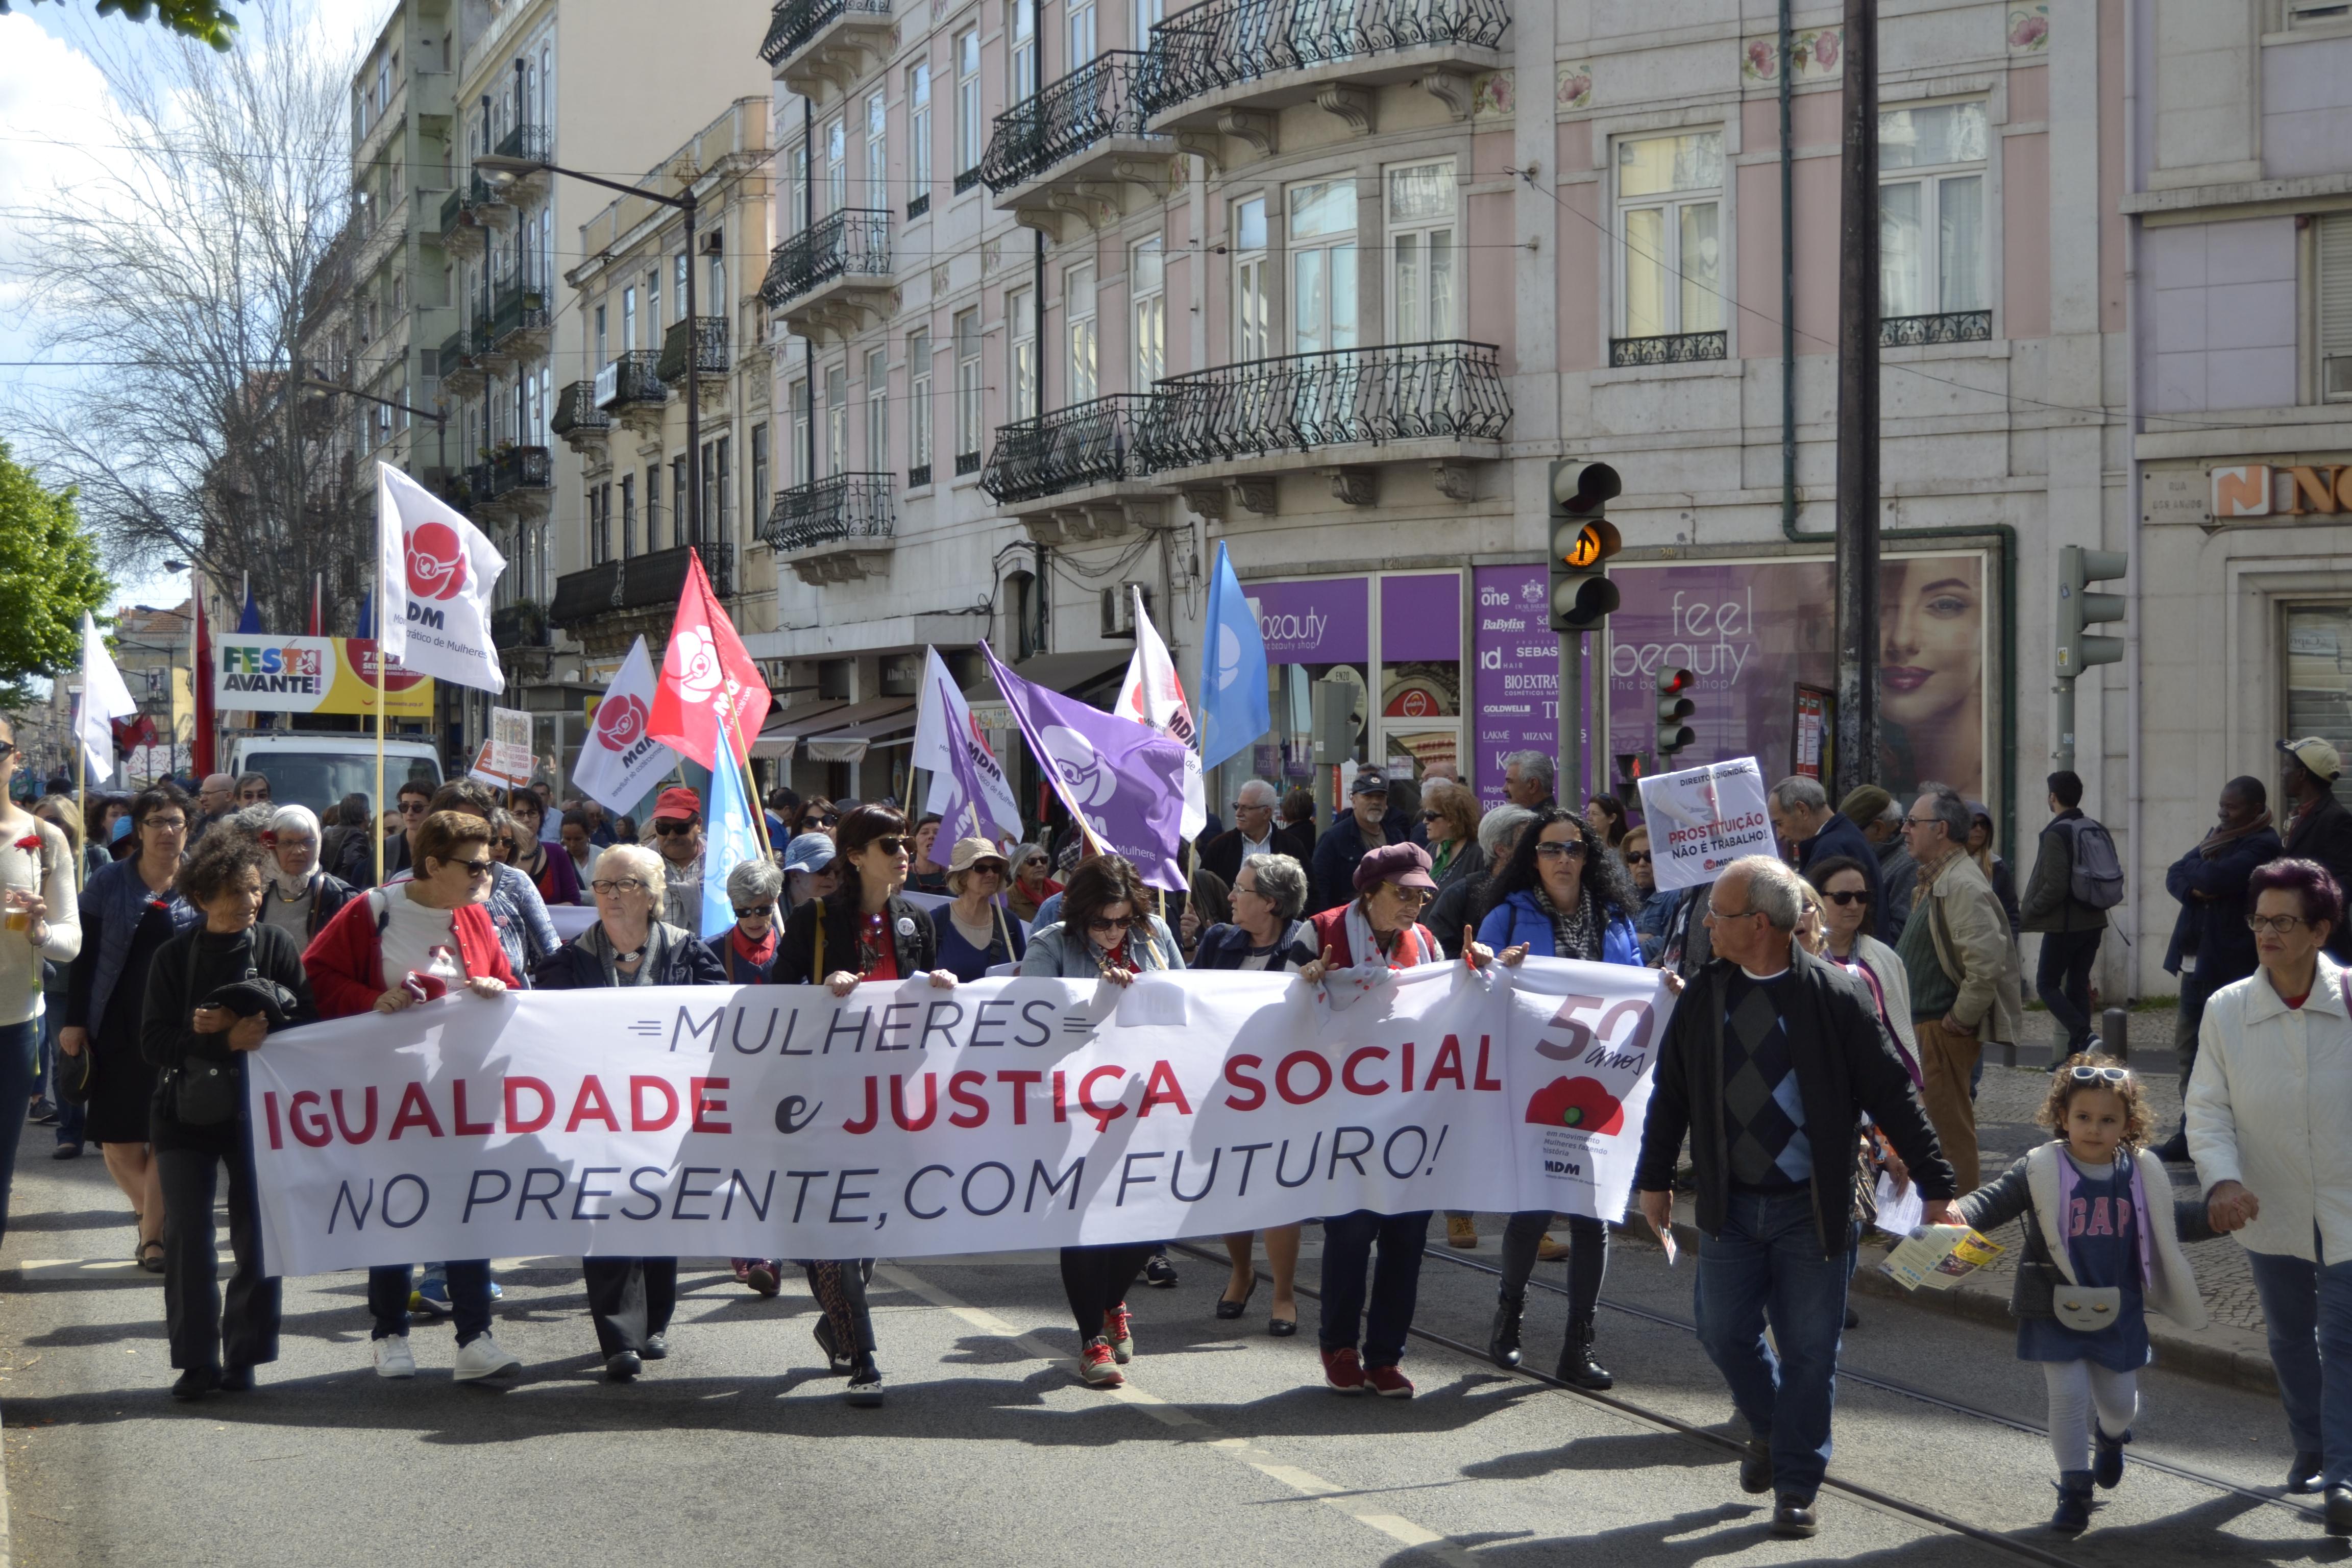 1º Maio celebrado nas ruas